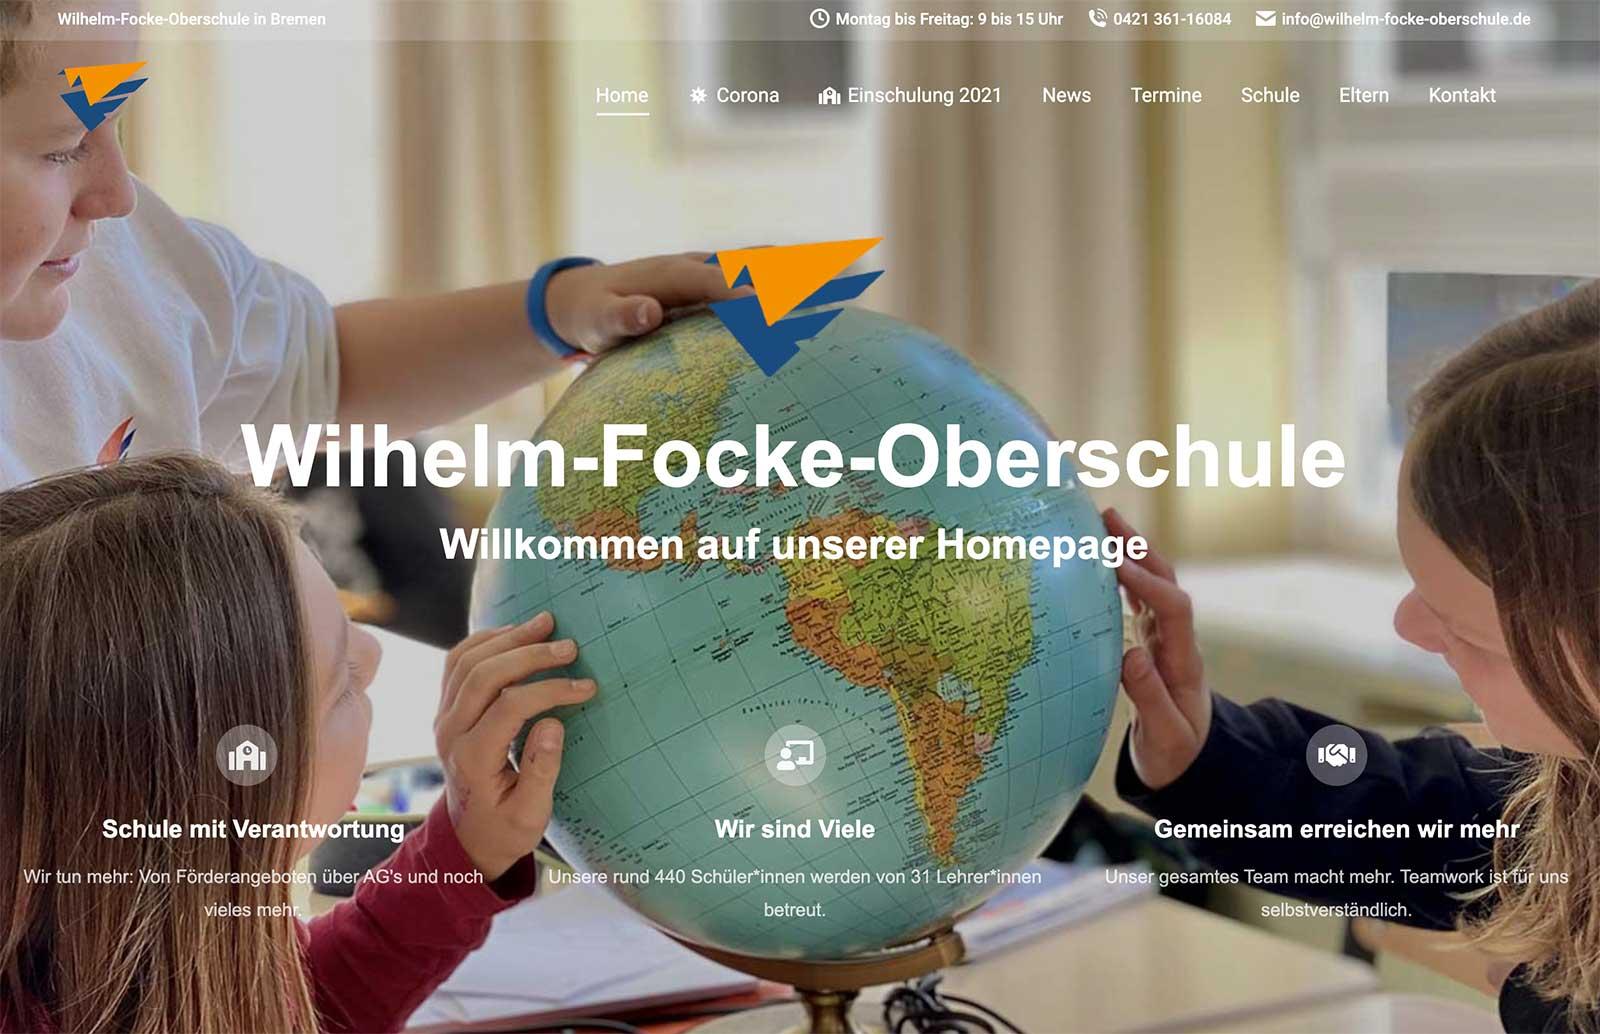 Wilhelm-Focke-Oberschule in Bremen